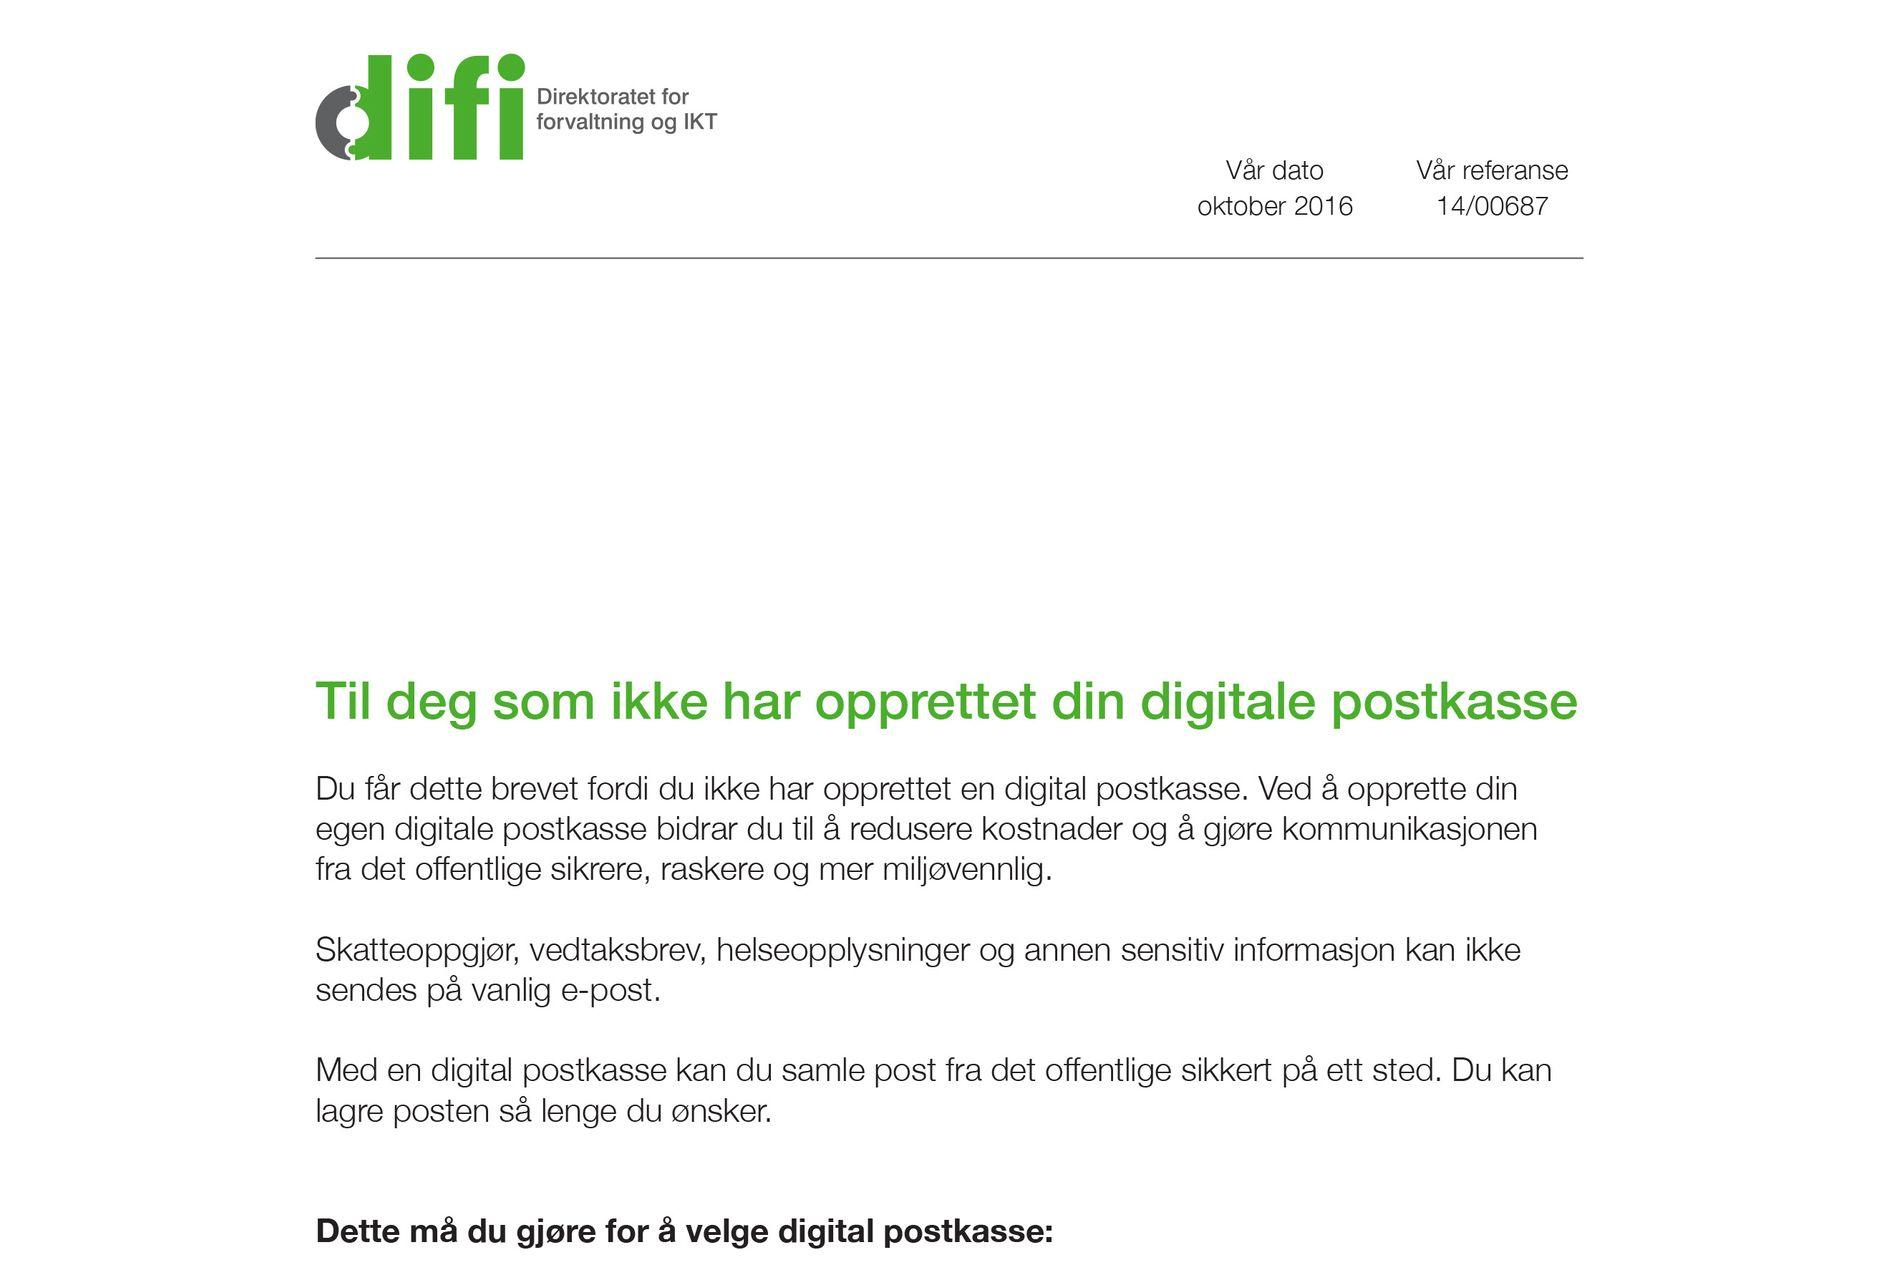 DIGITAL POSTKASSE: Direktoratet for forvaltning og IKT (Difi) har beregnet at digital postkasse kan spare det offentlige for 400 millioner kroner årlig.